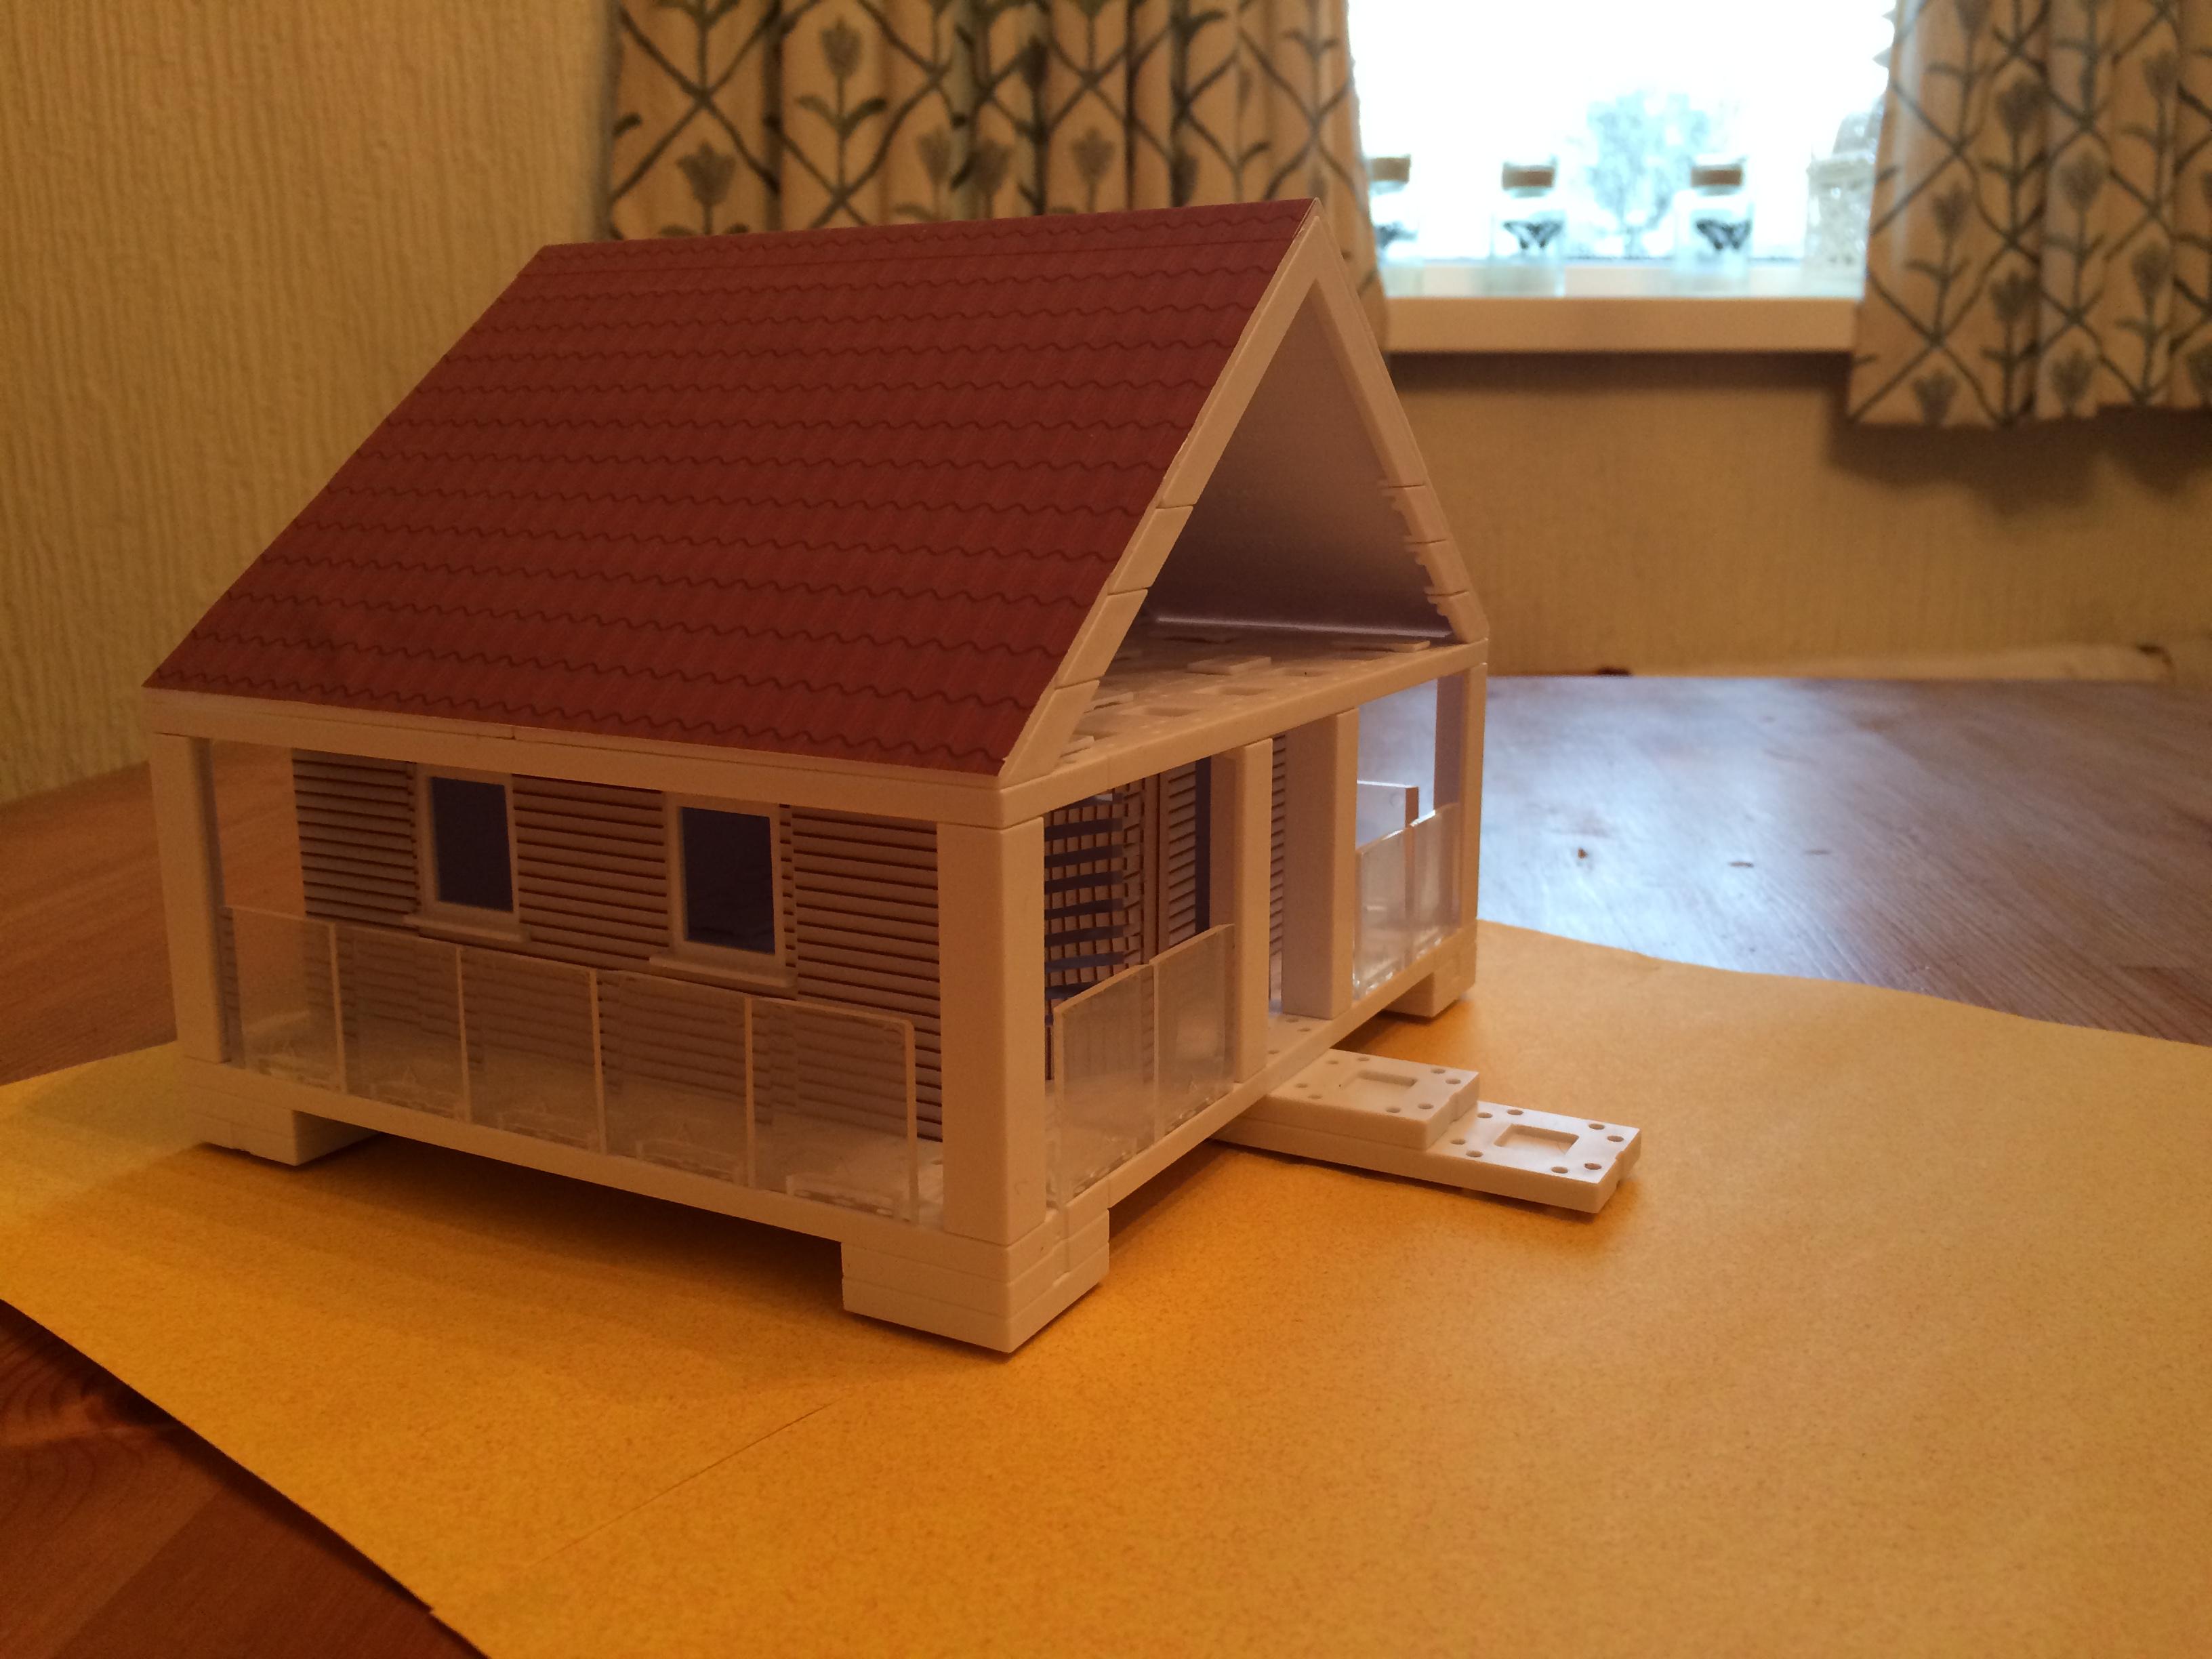 Model 13 paradise hut arckitweekly for Model beach huts